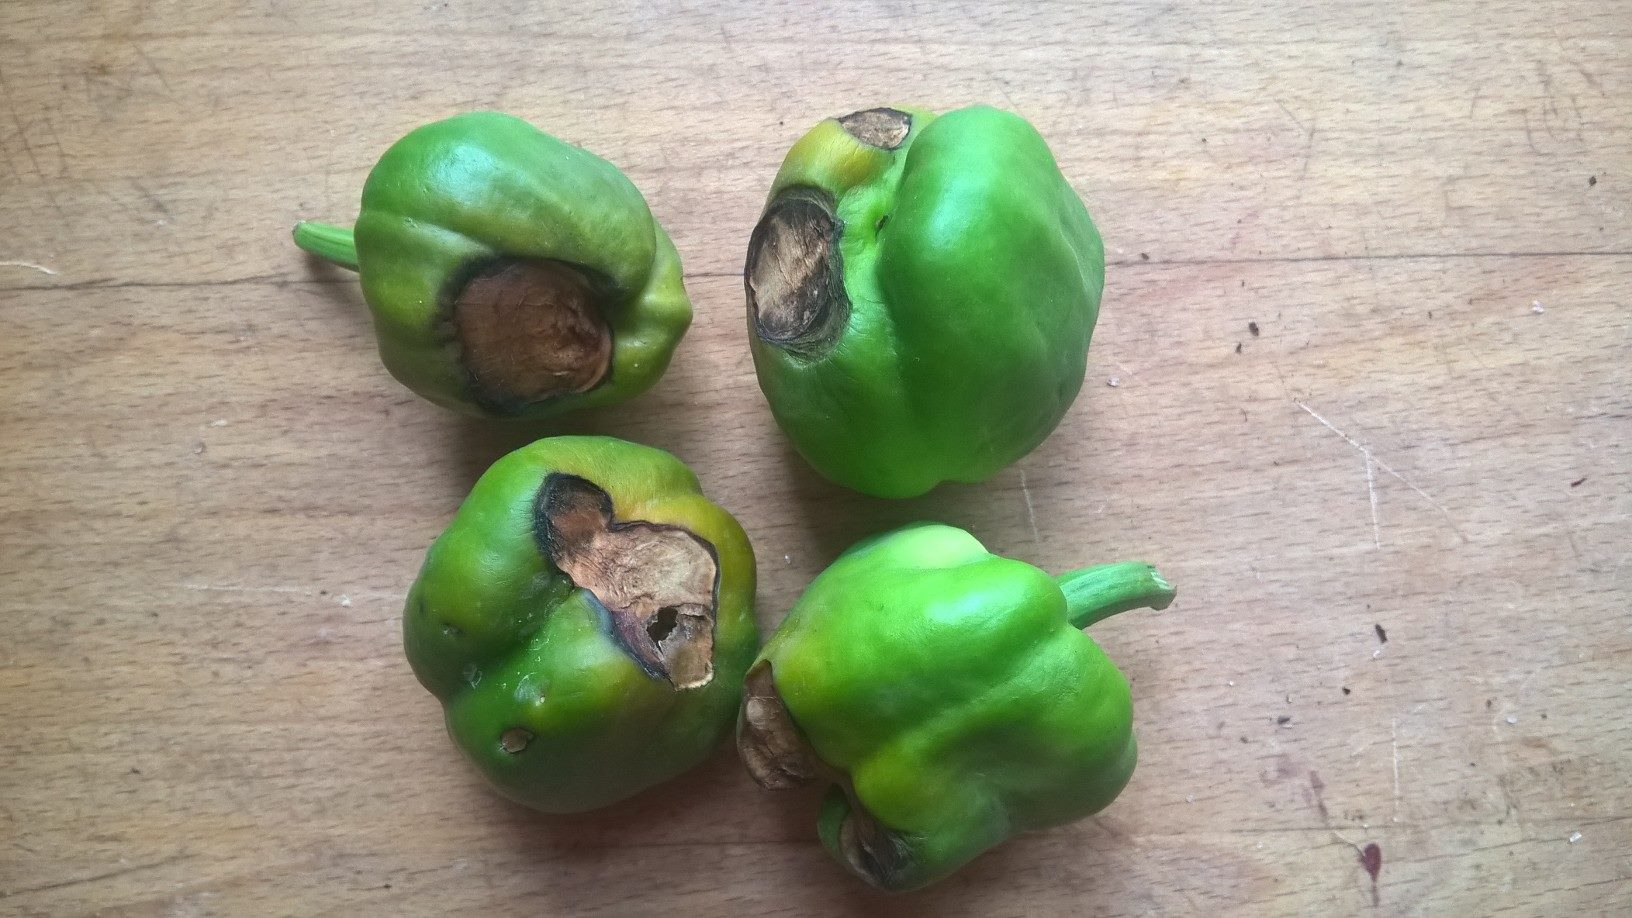 Takhle vypadá abiptická nekróza květního konce plodu neboli projev nedostatek vápníku u paprik. Foto: Sláma v botách